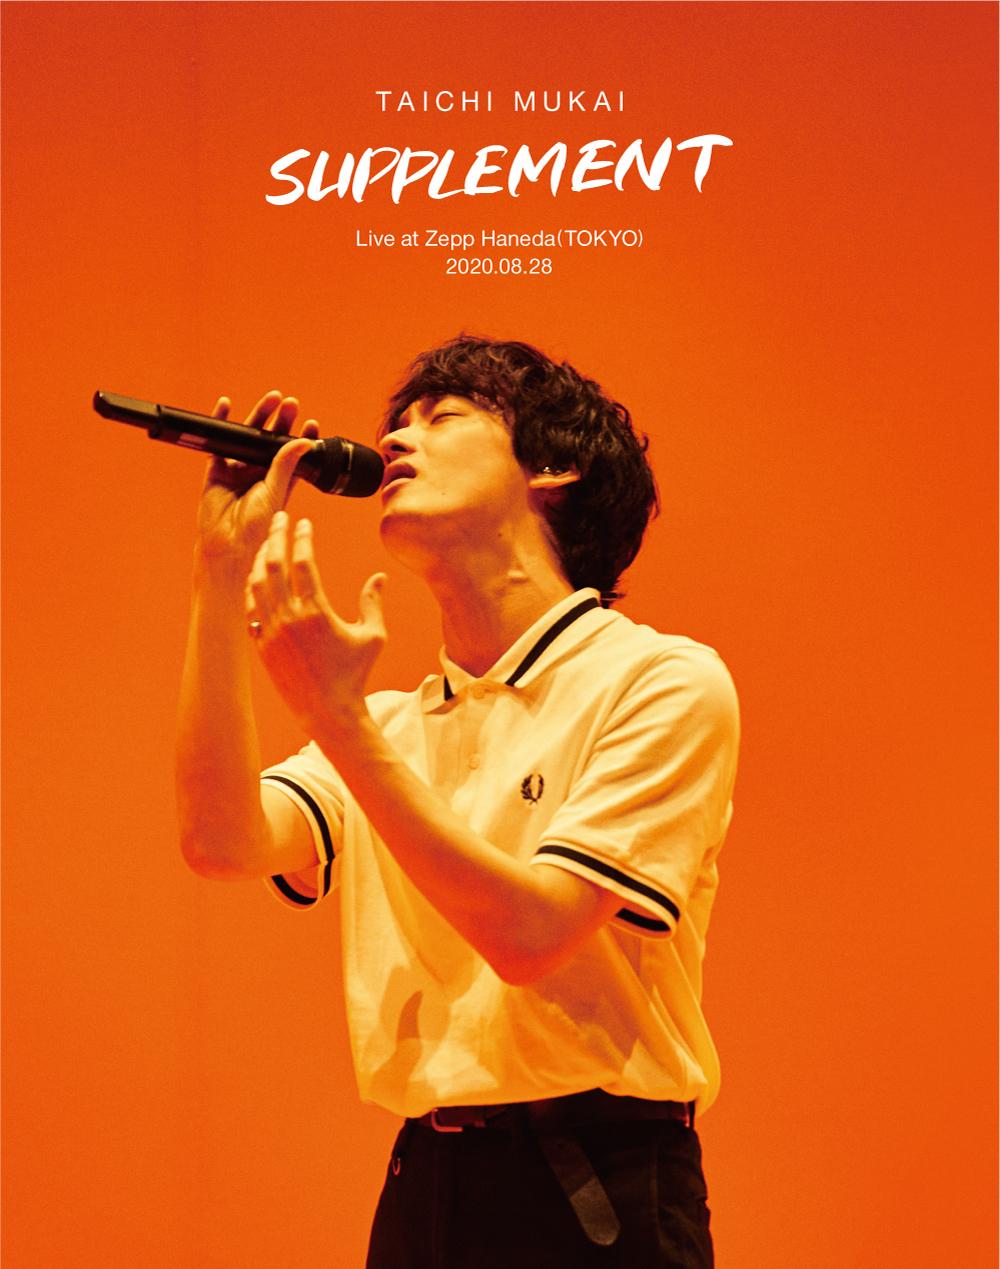 向井太一 Live Blu-ray『Supplement Live at Zepp Haneda(TOKYO)』